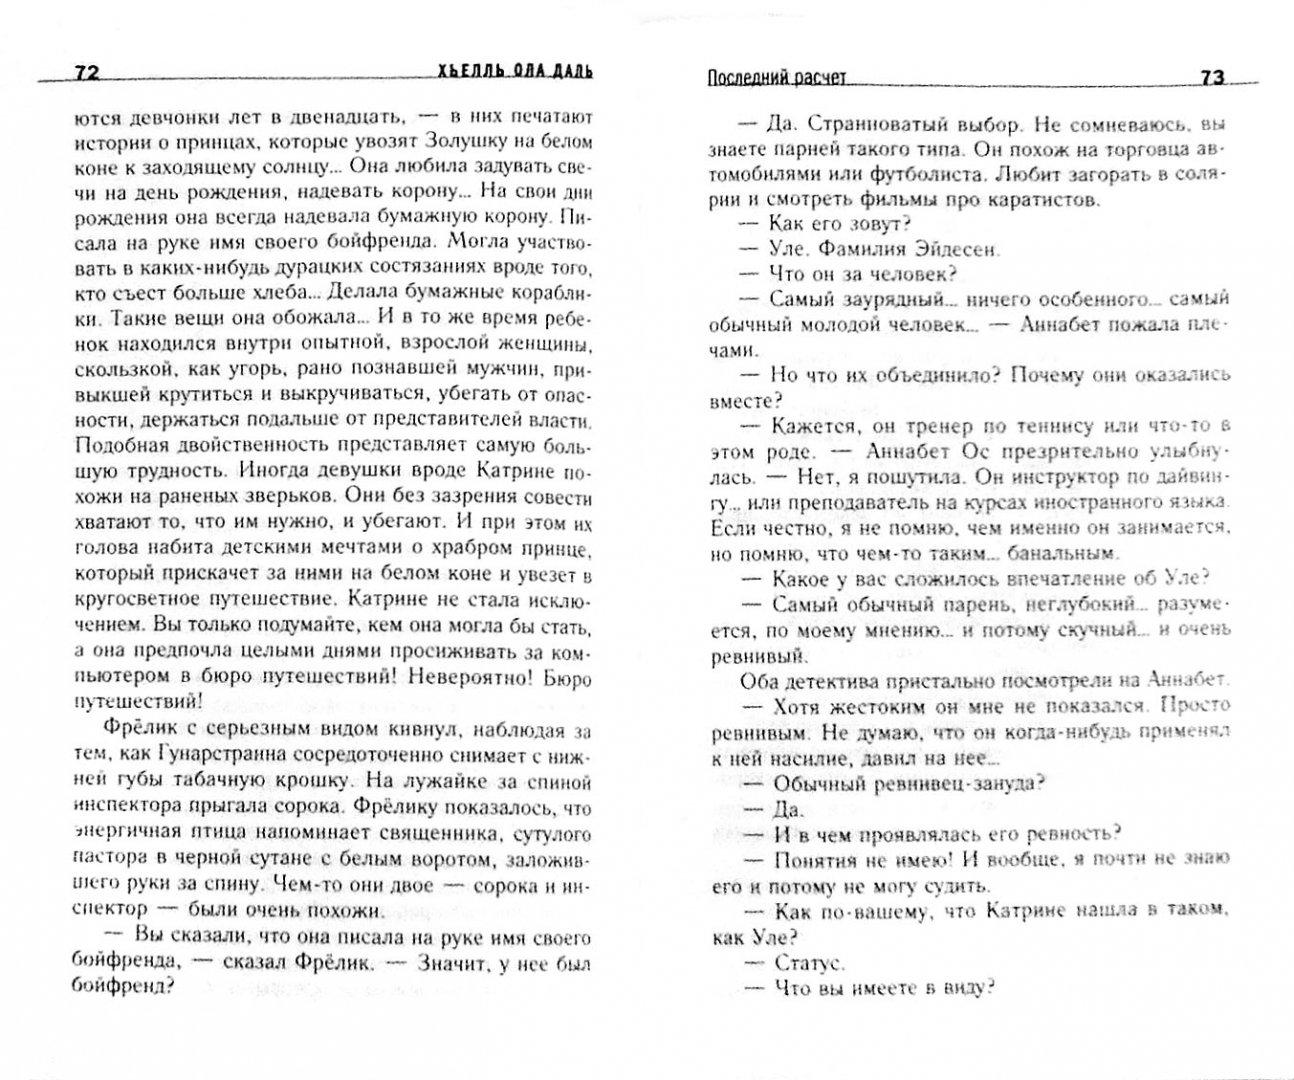 Иллюстрация 1 из 8 для Последний расчет - Хьелль Даль | Лабиринт - книги. Источник: Лабиринт